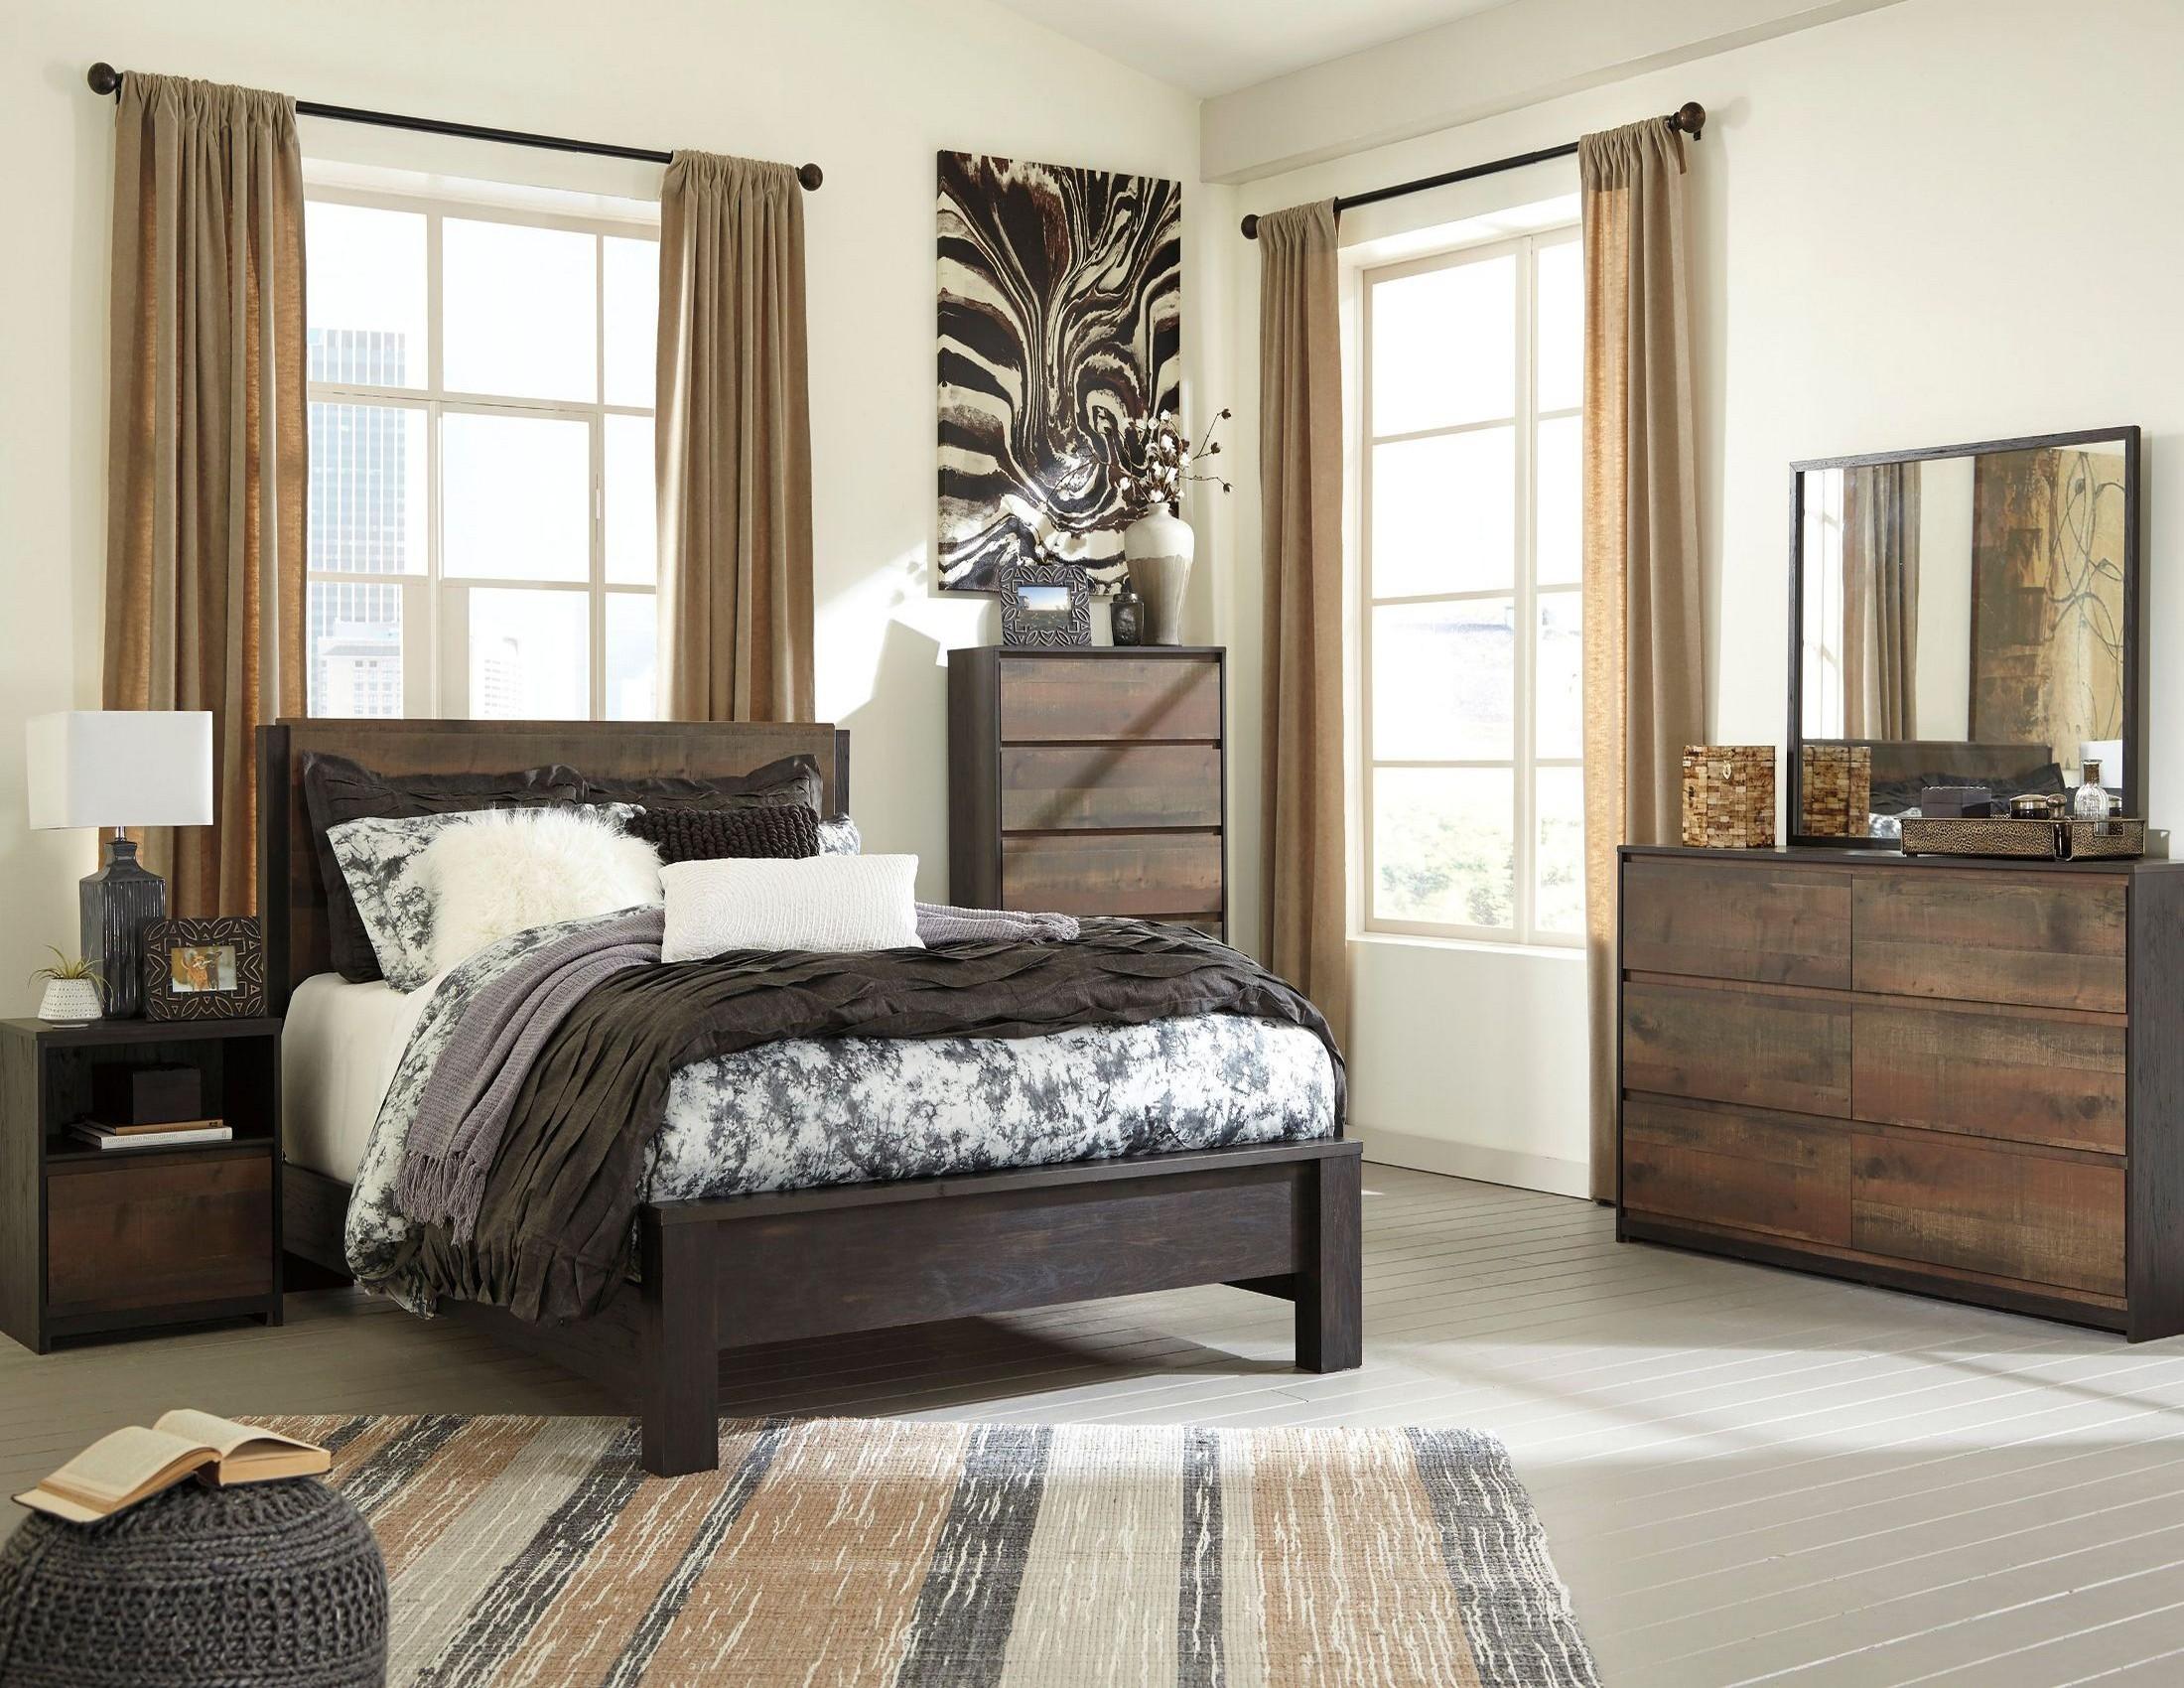 windlore dark brown panel bedroom set from ashley coleman furniture. Black Bedroom Furniture Sets. Home Design Ideas